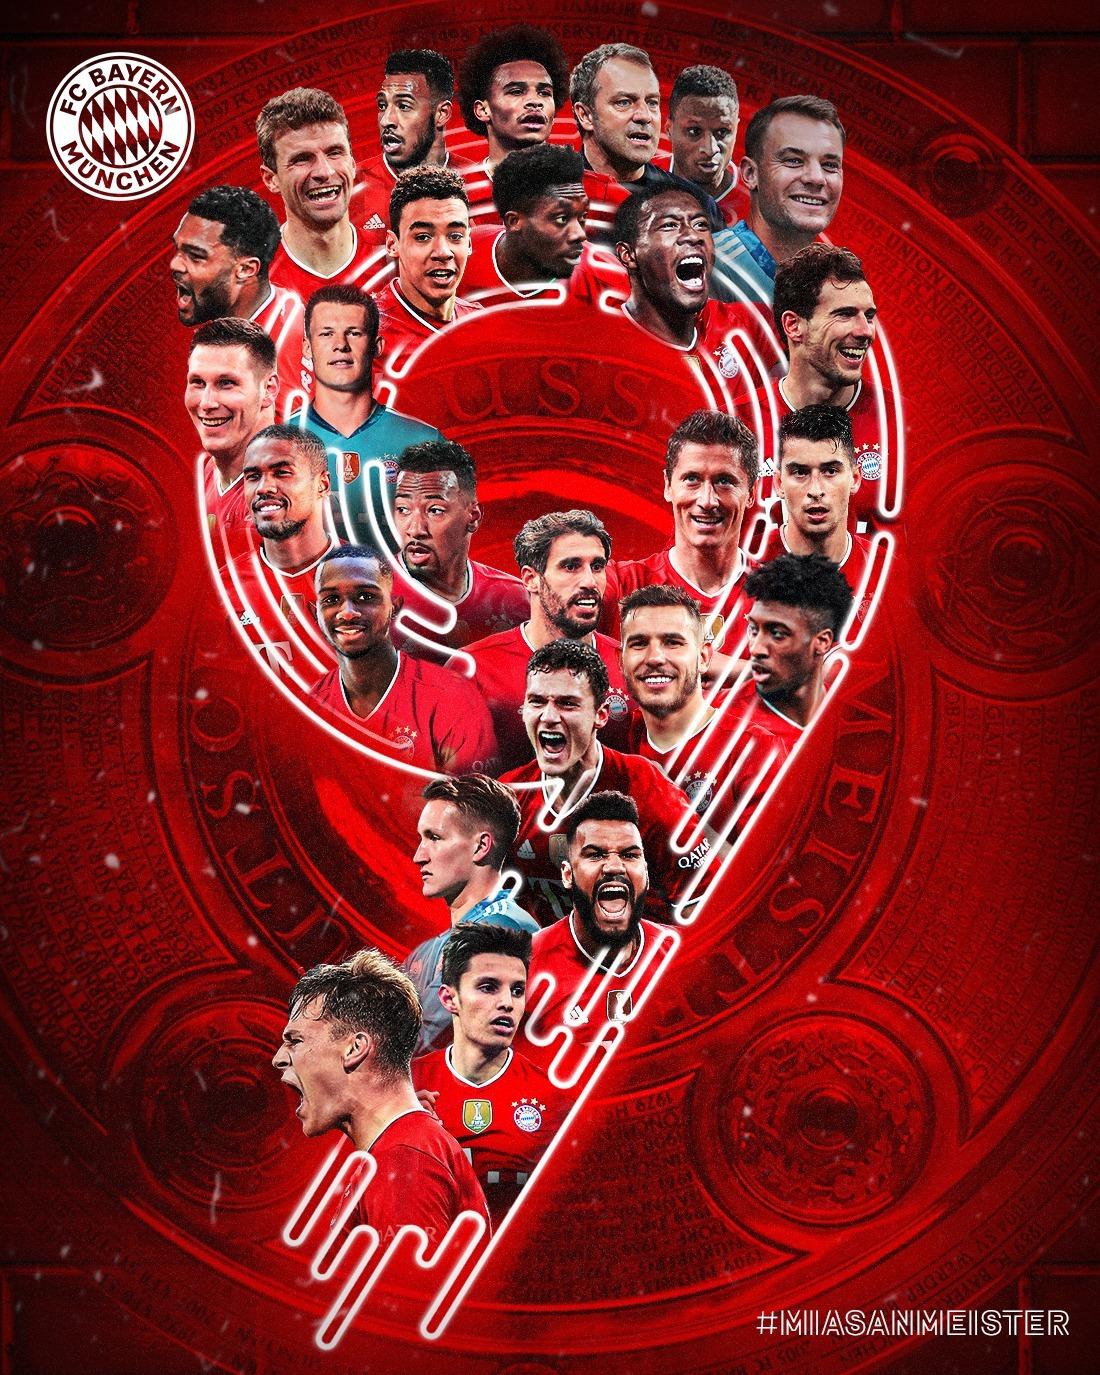 Bayern đăng tải ảnh mừng vô địch Bundesliga mùa này lên fanpage.